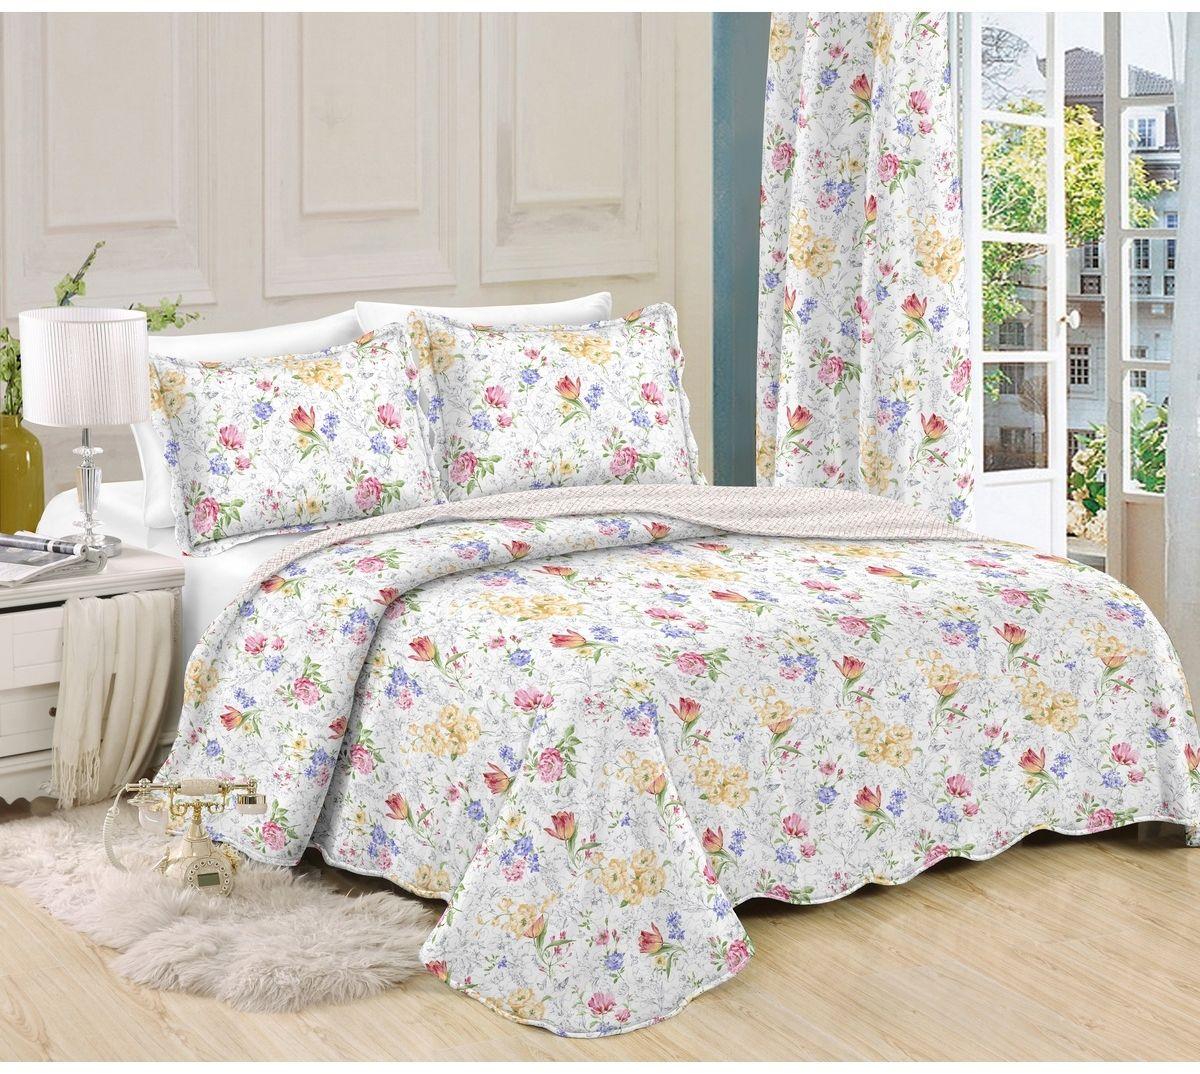 Narzuta na łóżko Kwiaty, 140 x 200 cm, 1 szt. 50 x 70 cm, 140 x 200 cm